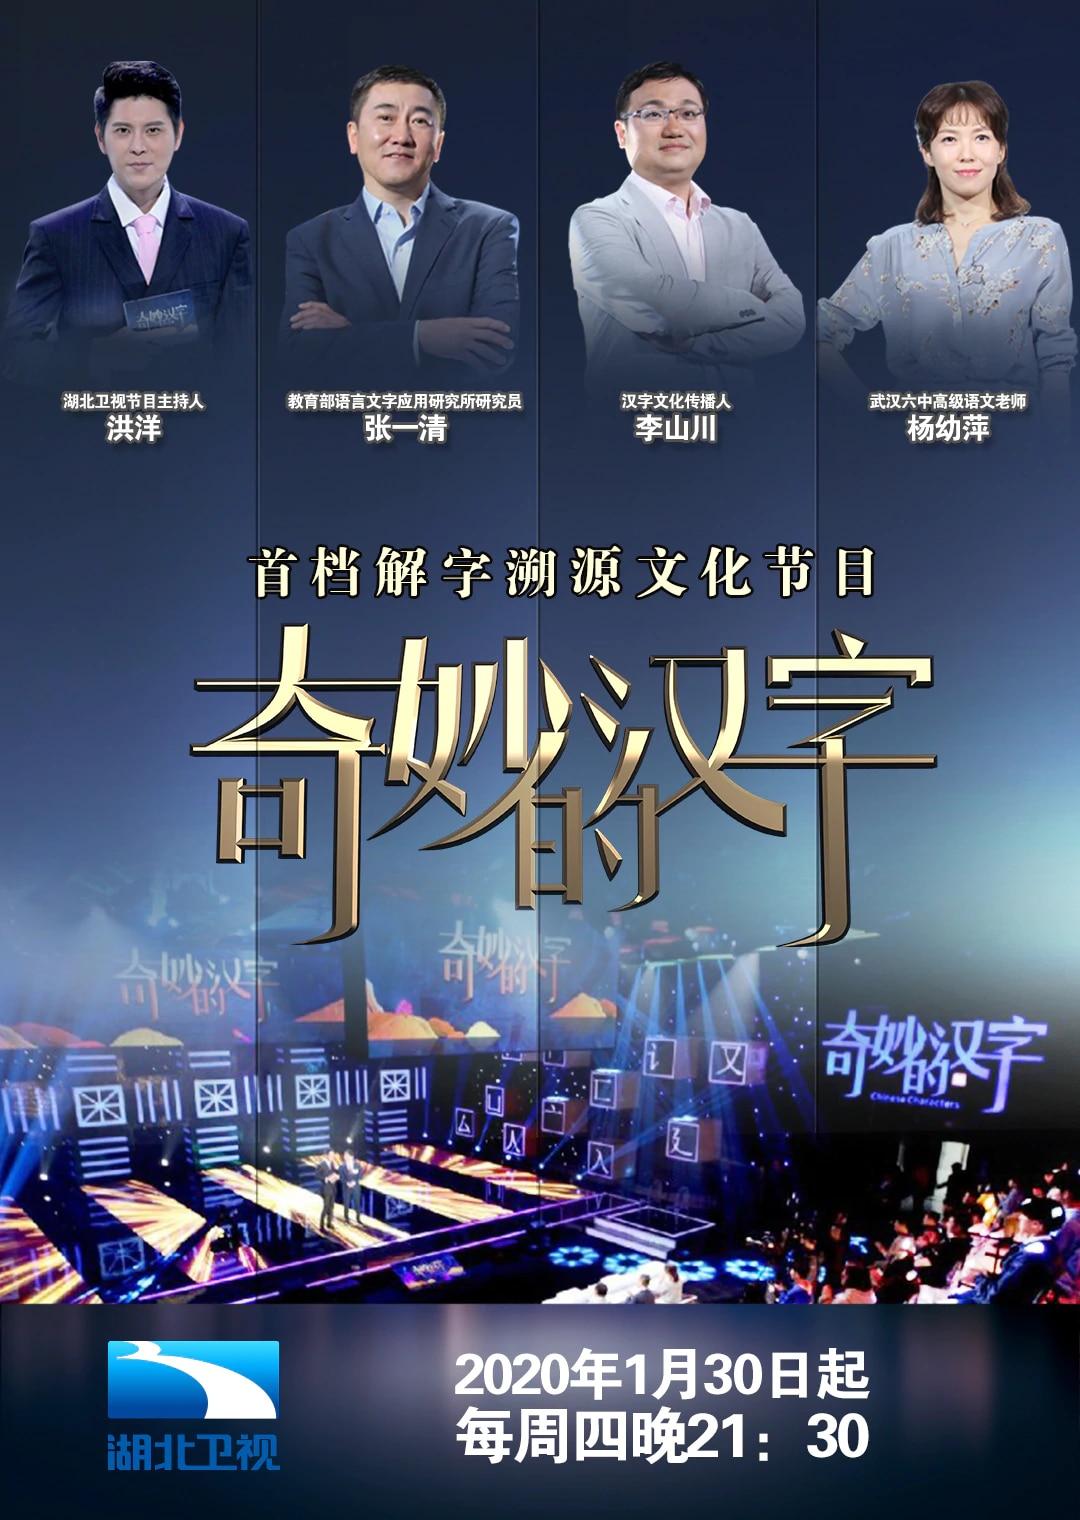 奇妙的汉字 第三季